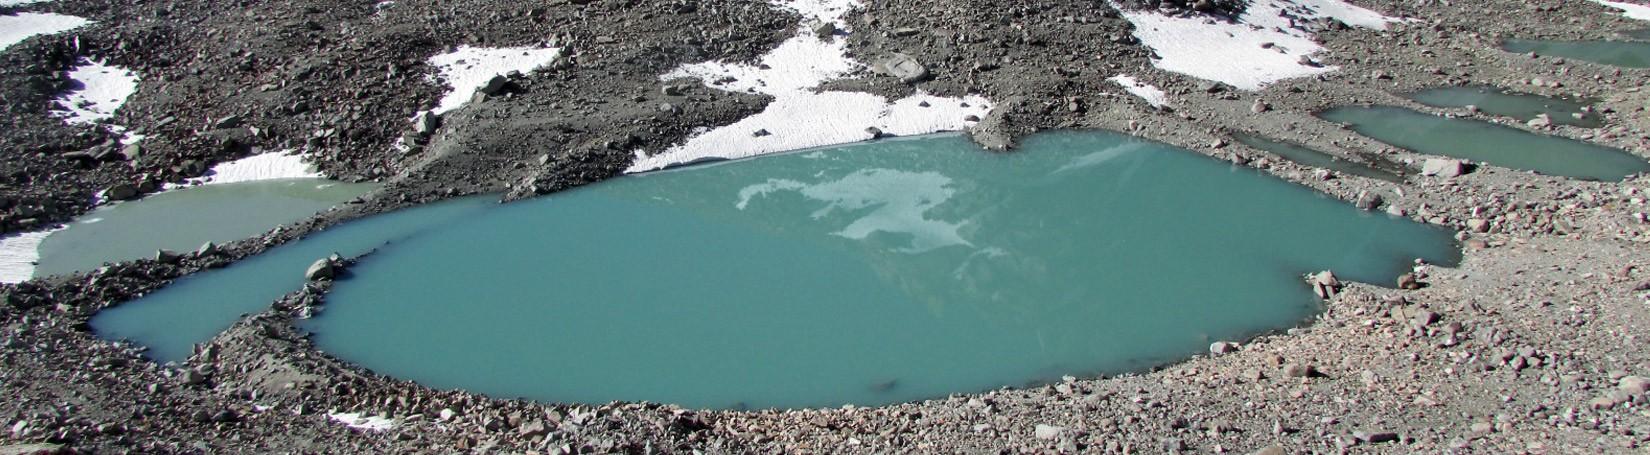 Gauri Kunda - A Holy Pond in Kailash